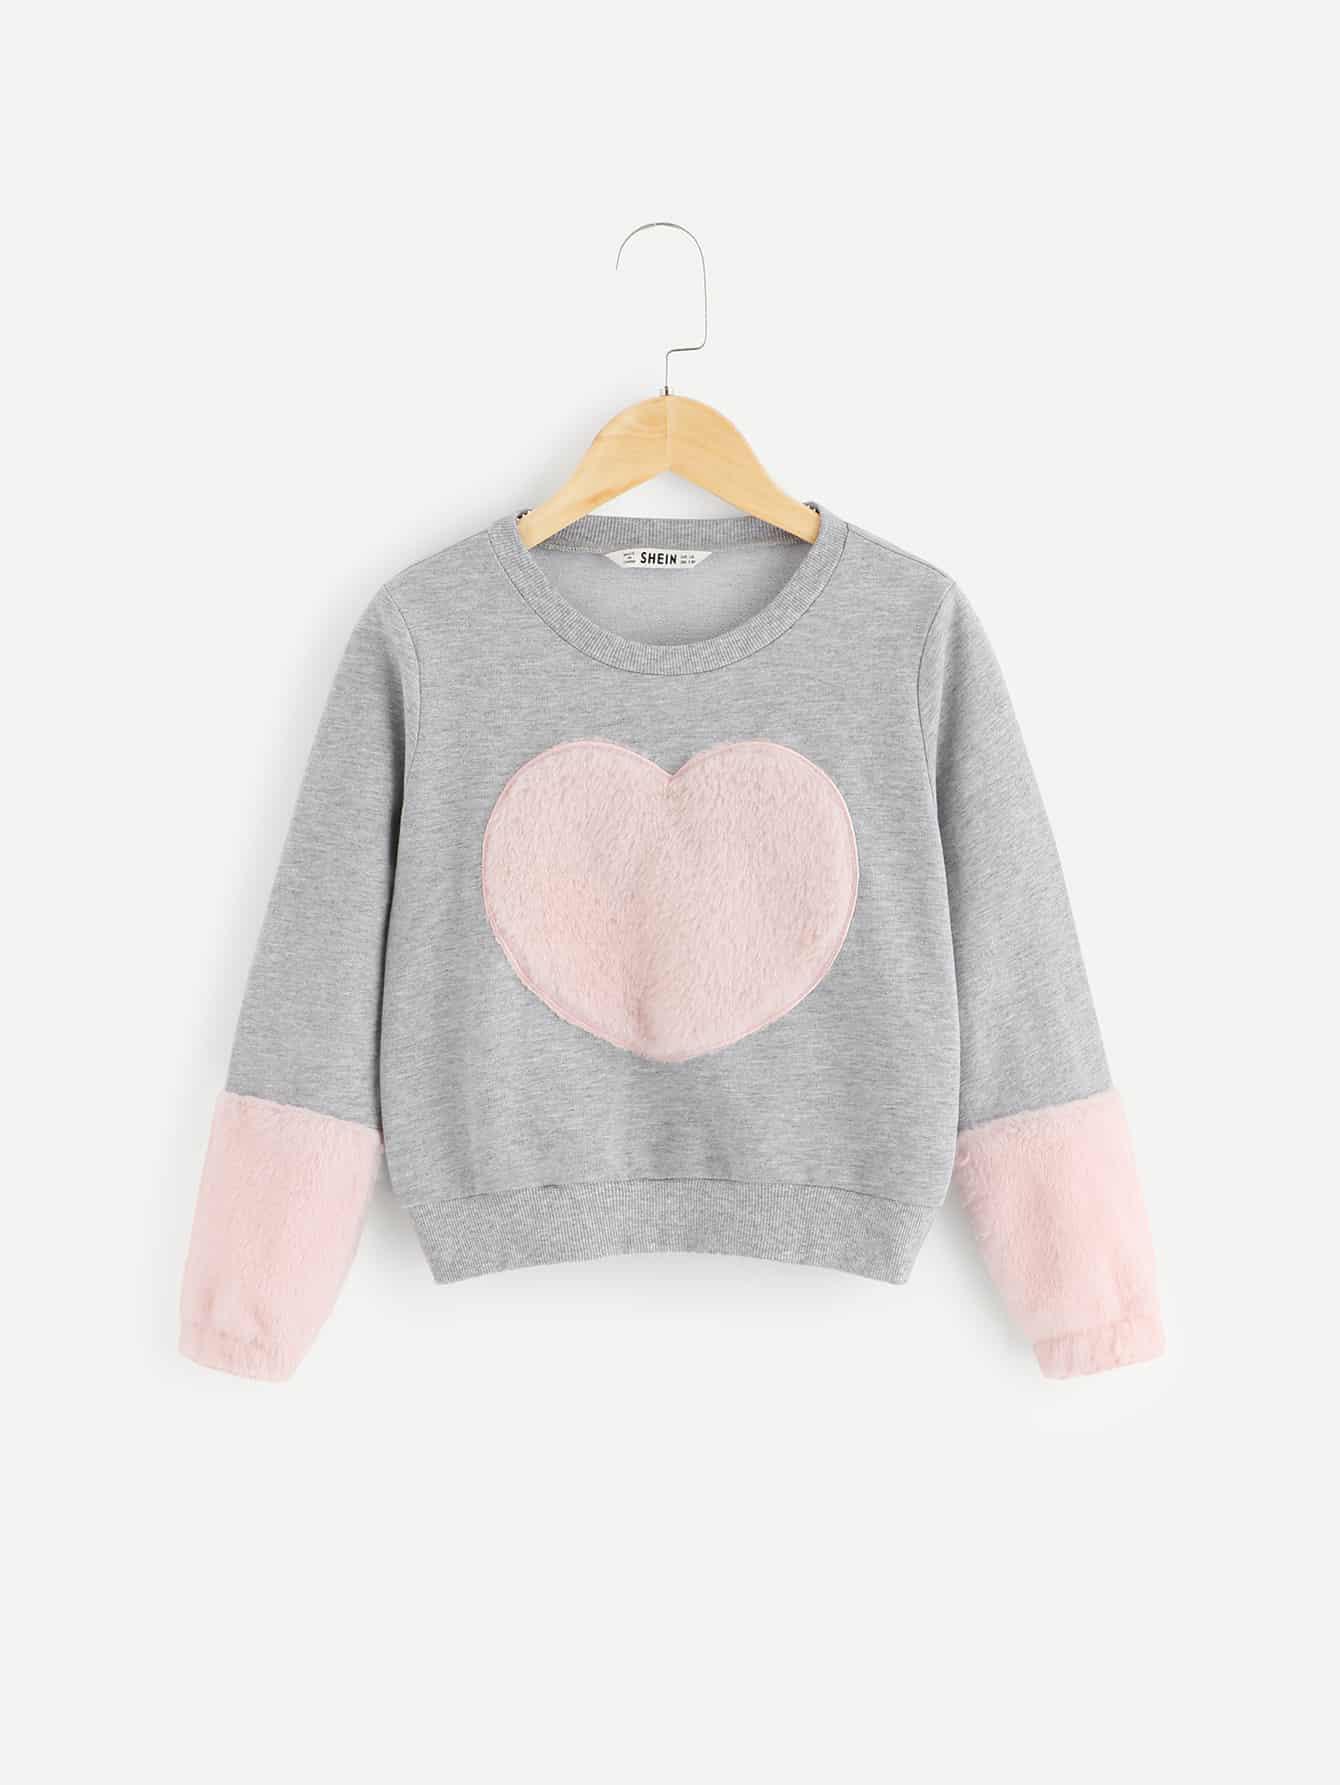 Купить Контрастный пуловер из искусственного меха для девочек, null, SheIn